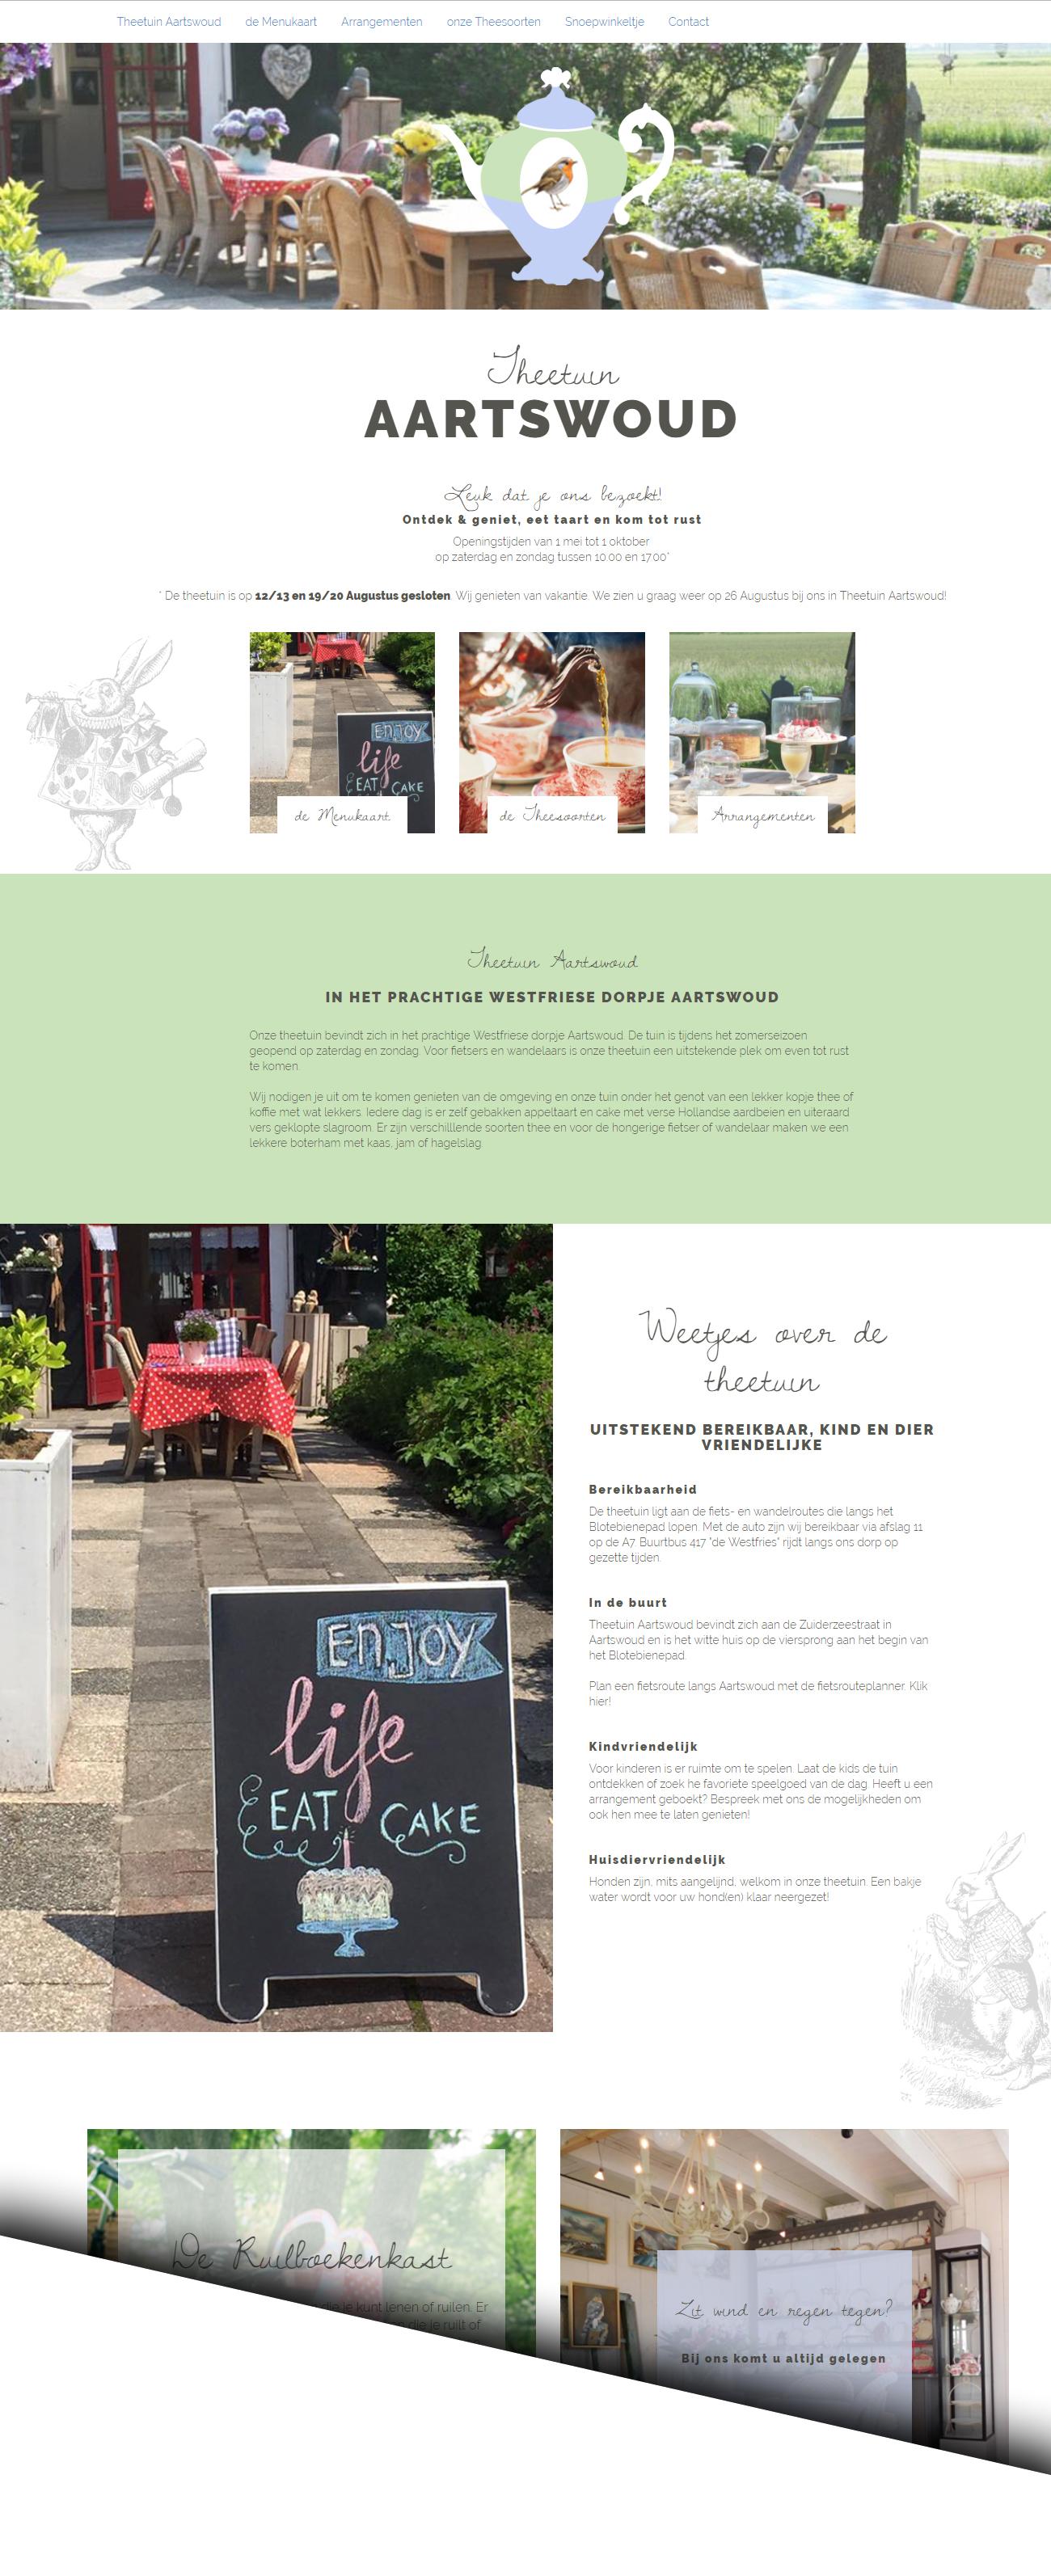 Schilder website design